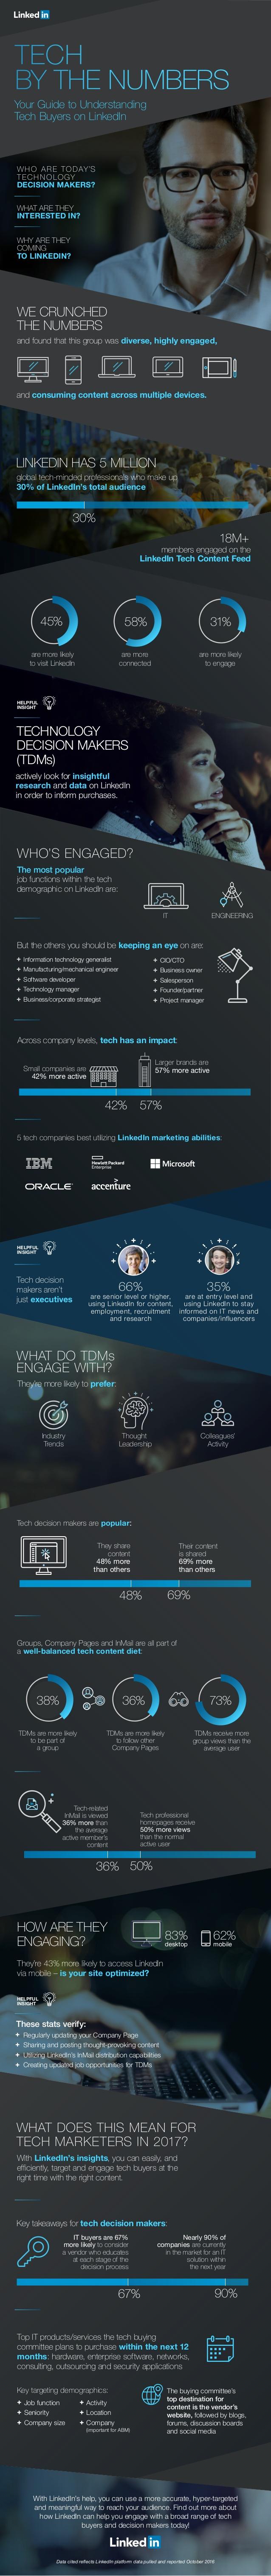 Cómo son los compradores de Tecnología según LinkedIn #infografia #socialmedia #tech